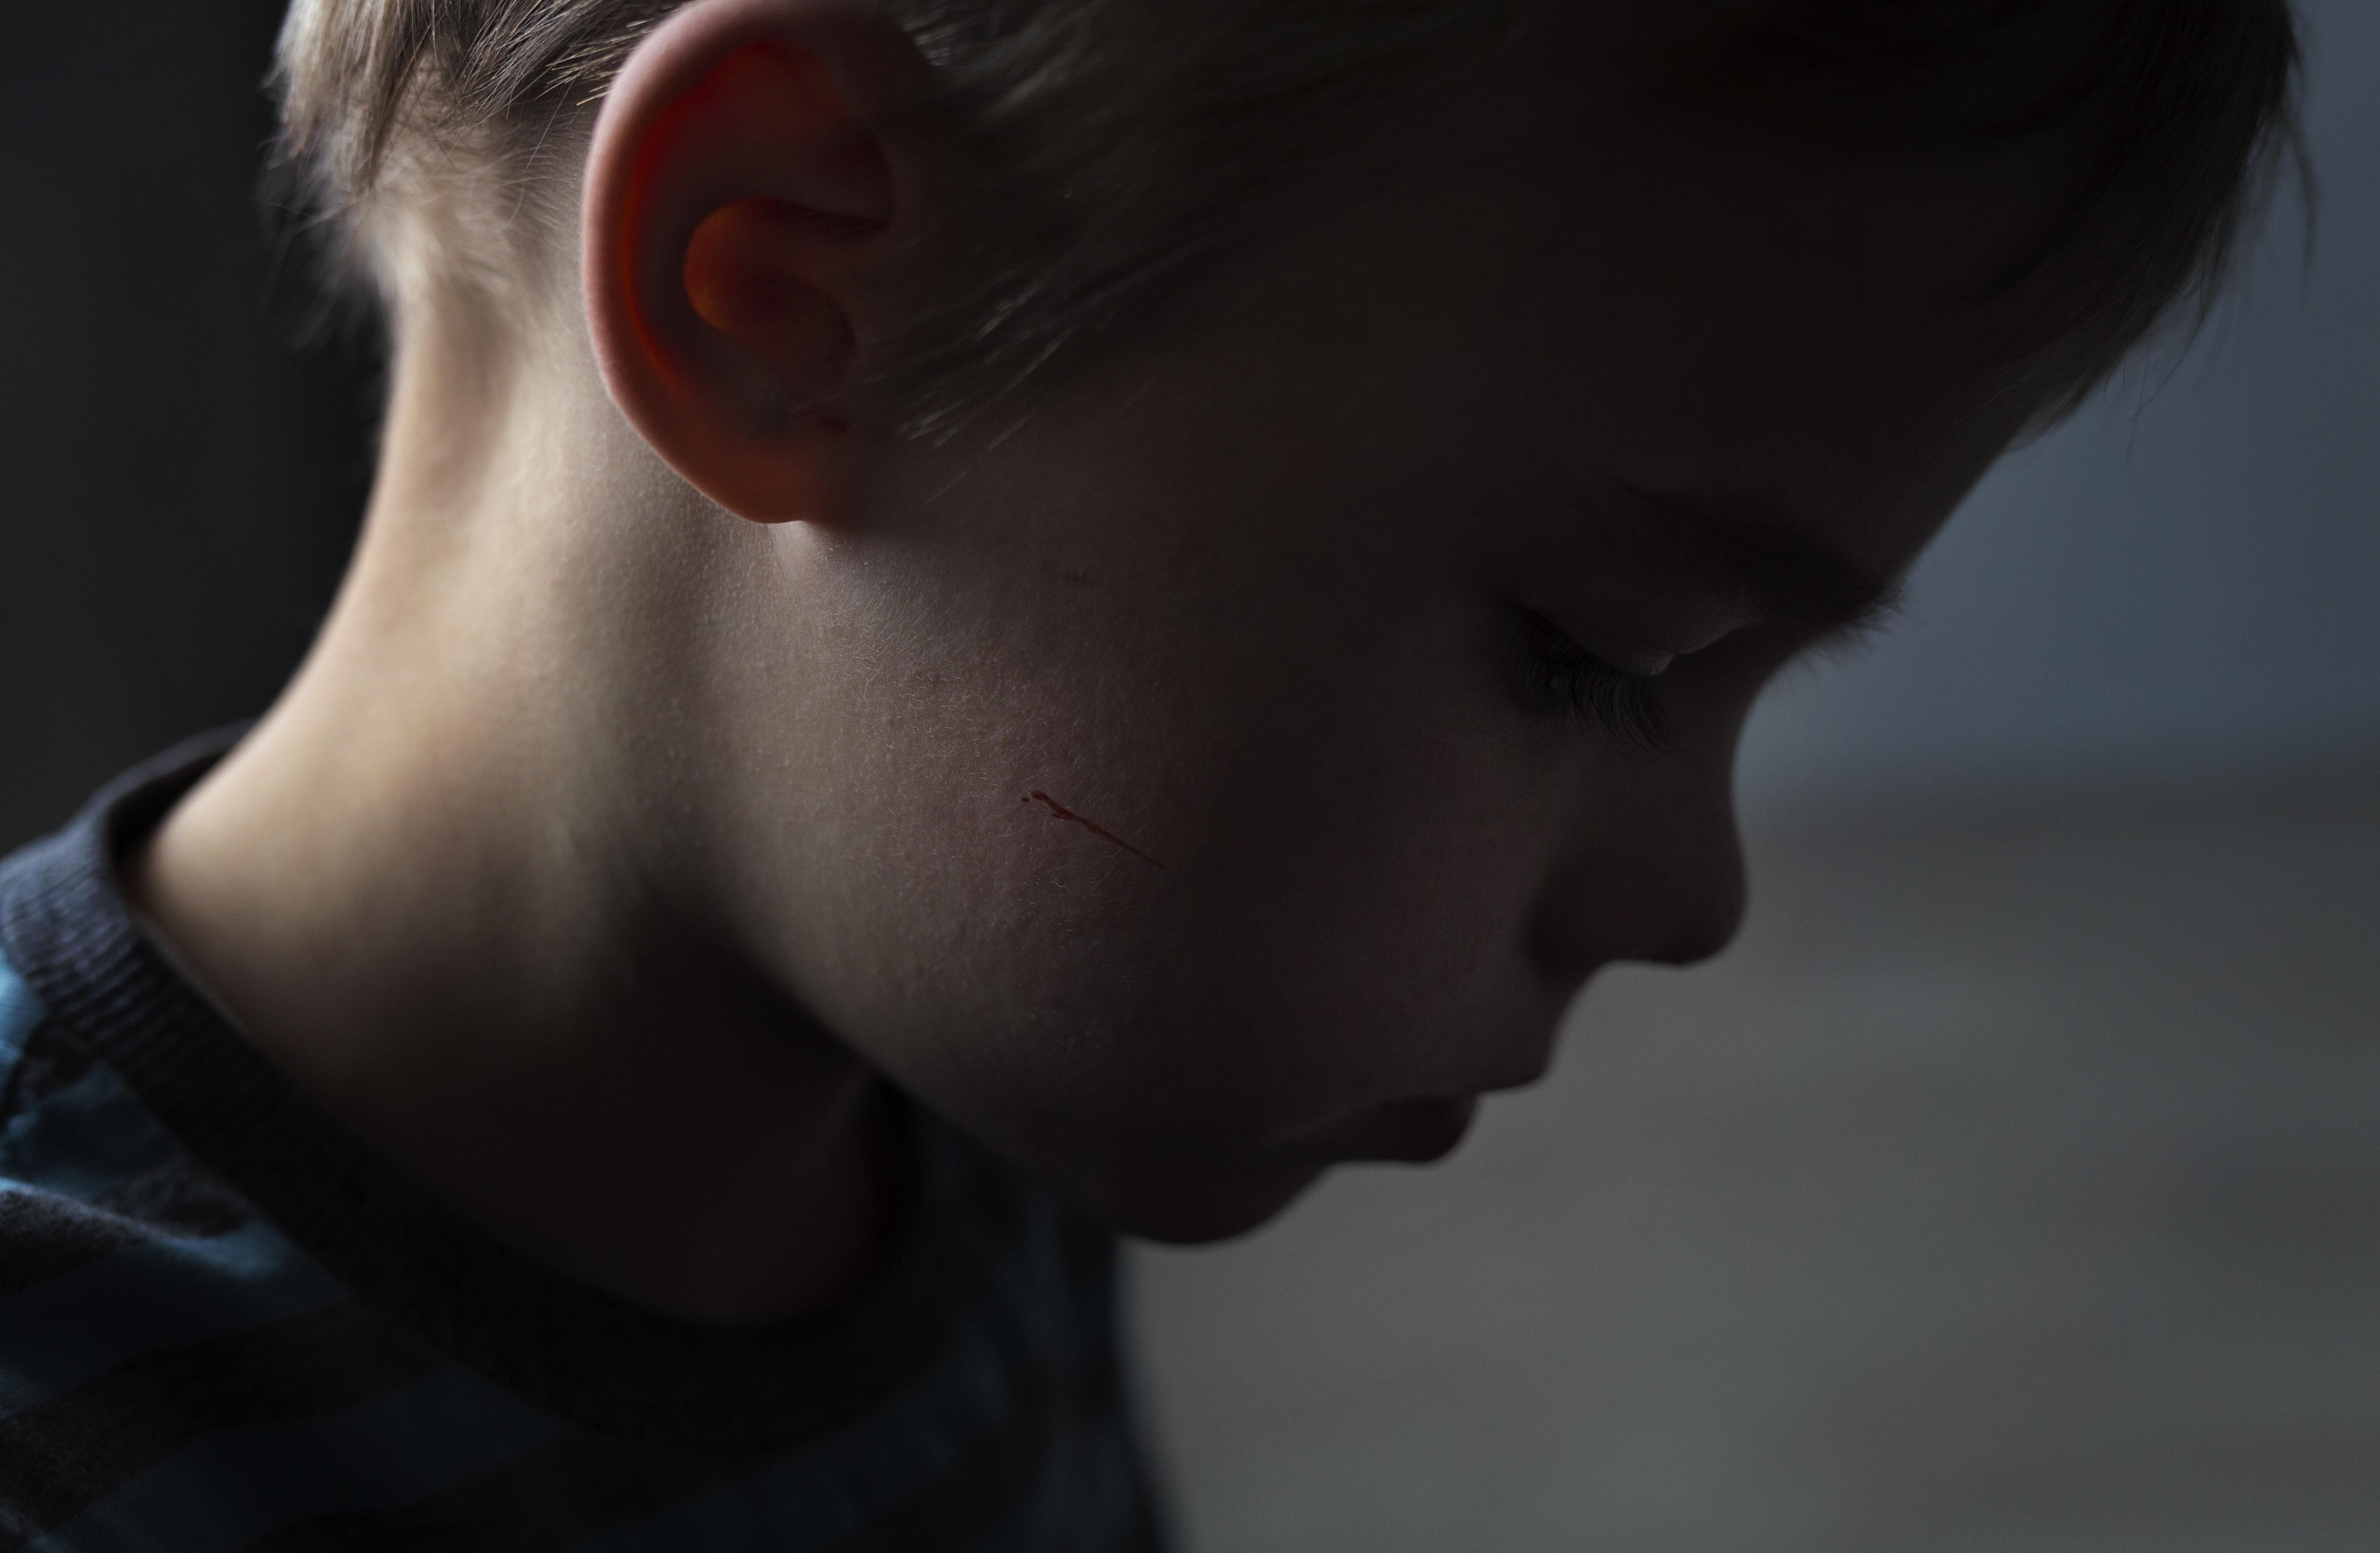 Inzest: Mutter verschickt Fotos von Sex mit vierjährigem